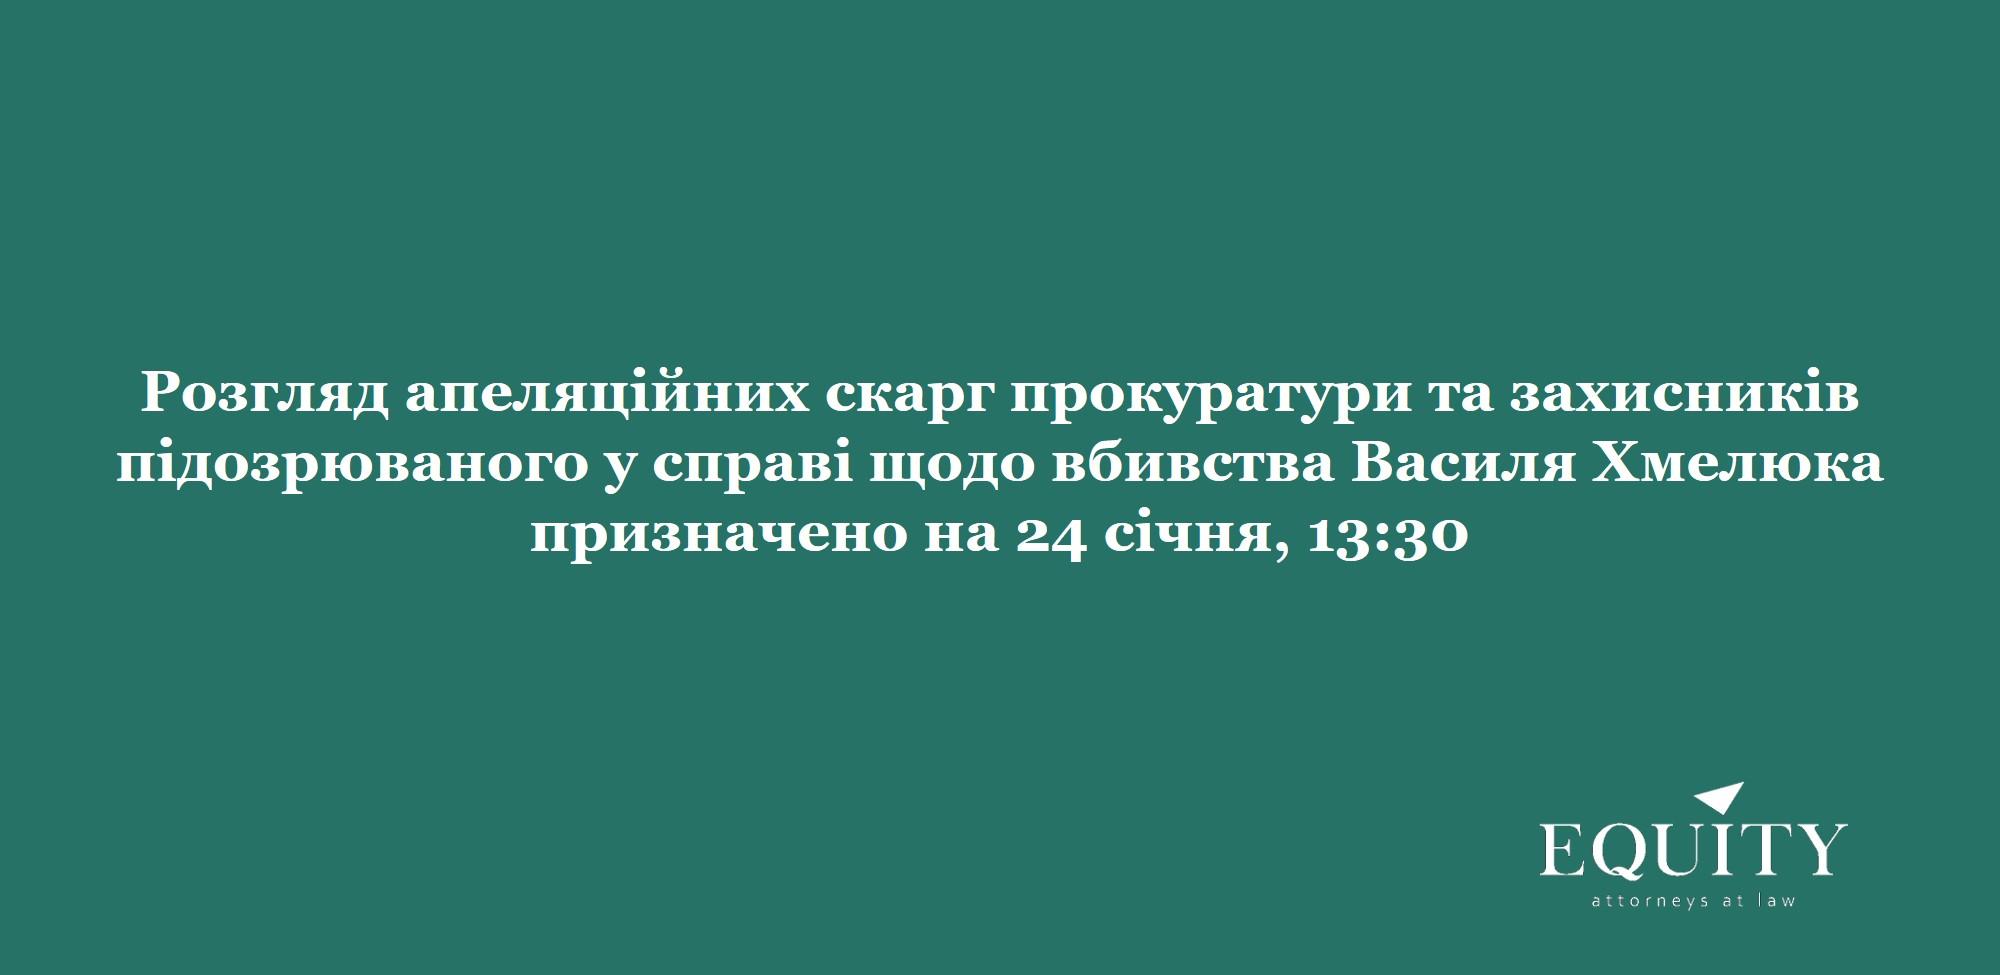 Апеляційні скарги прокуратури та захисників підозрюваного у справі щодо вбивства Василя Хмелюка призначено до розгляду